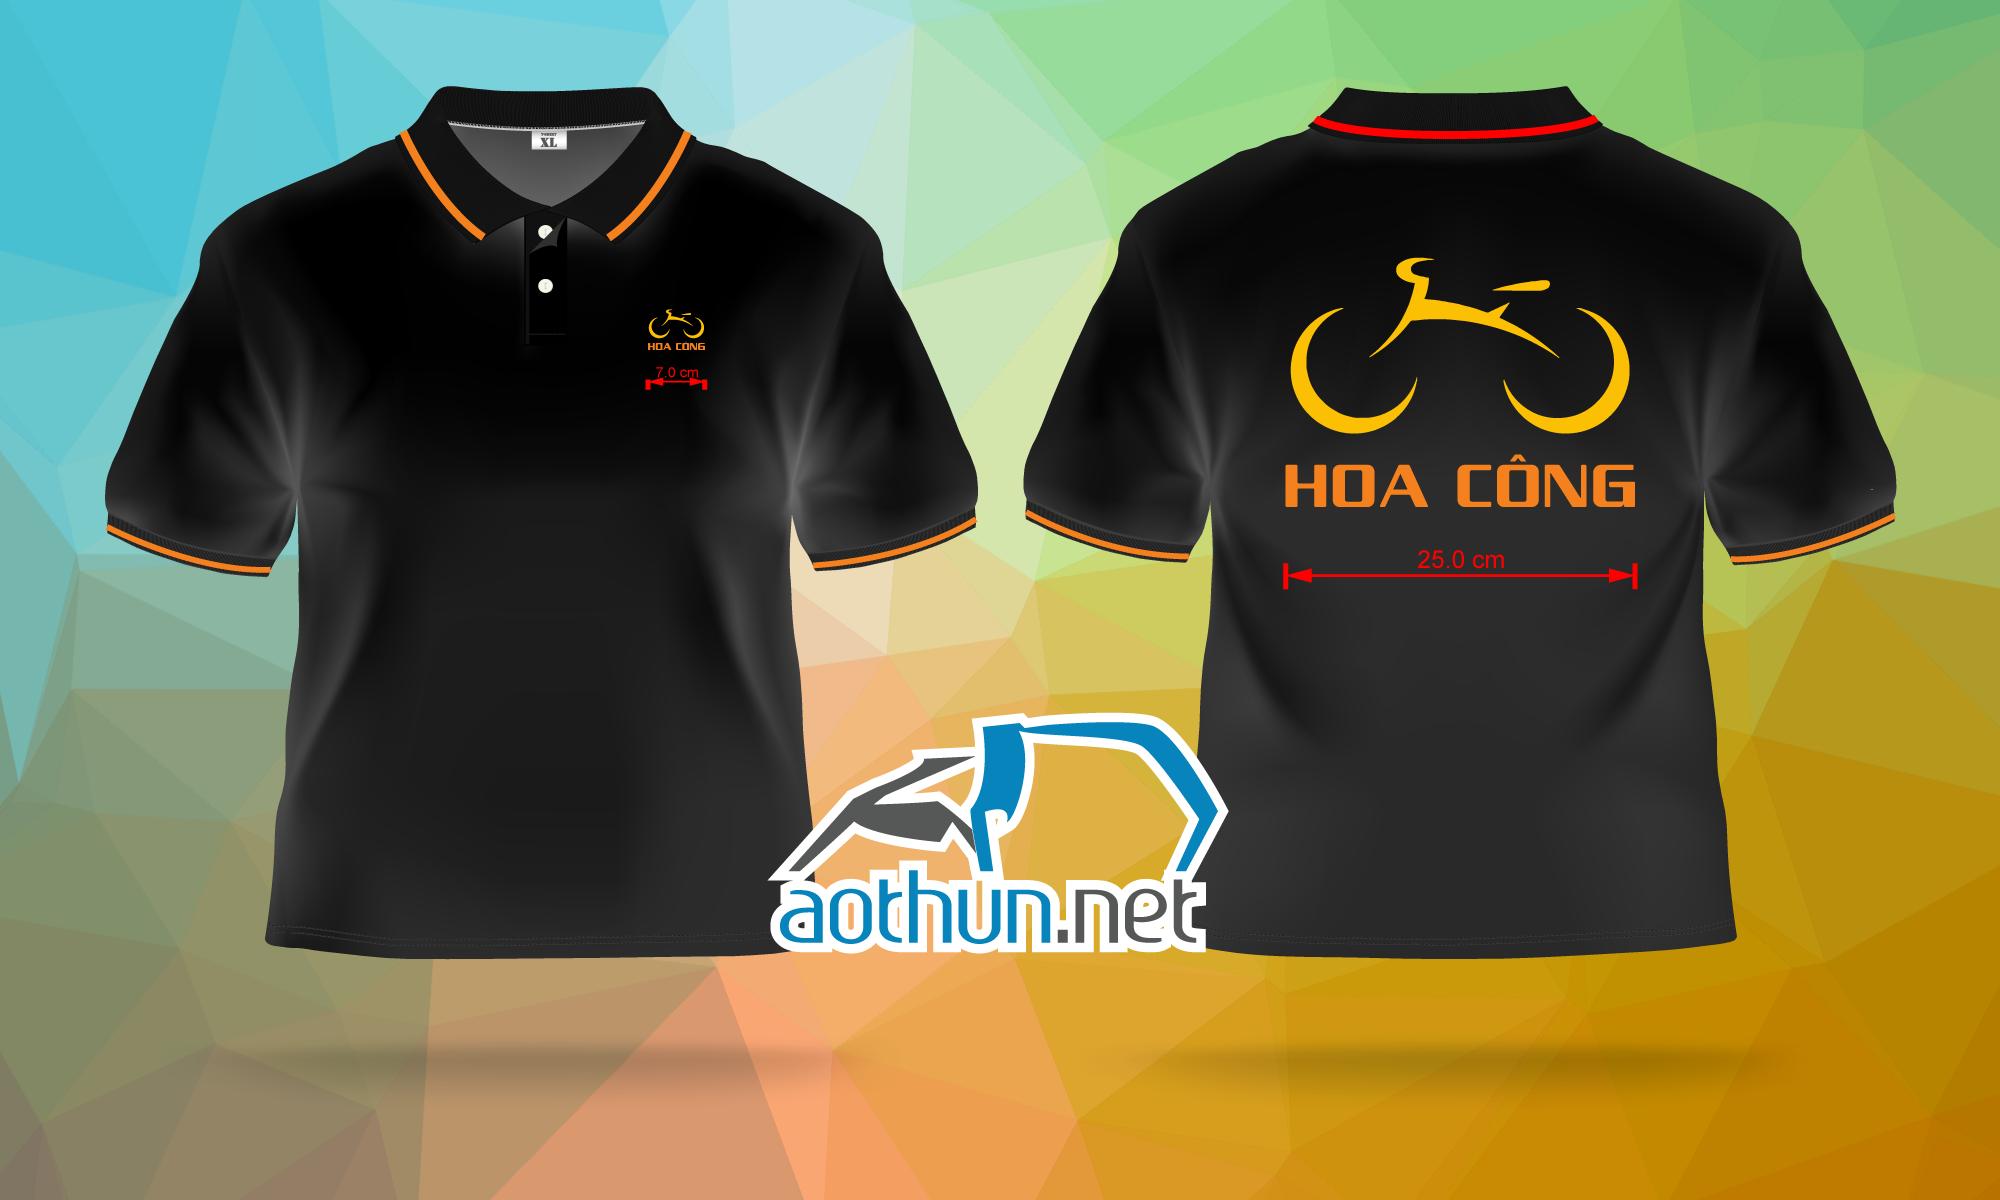 May áo thun đồg phục giá rẻ cho Trung Tâm Xe Điện & Xe Đạp Hoa Công tại Ninh